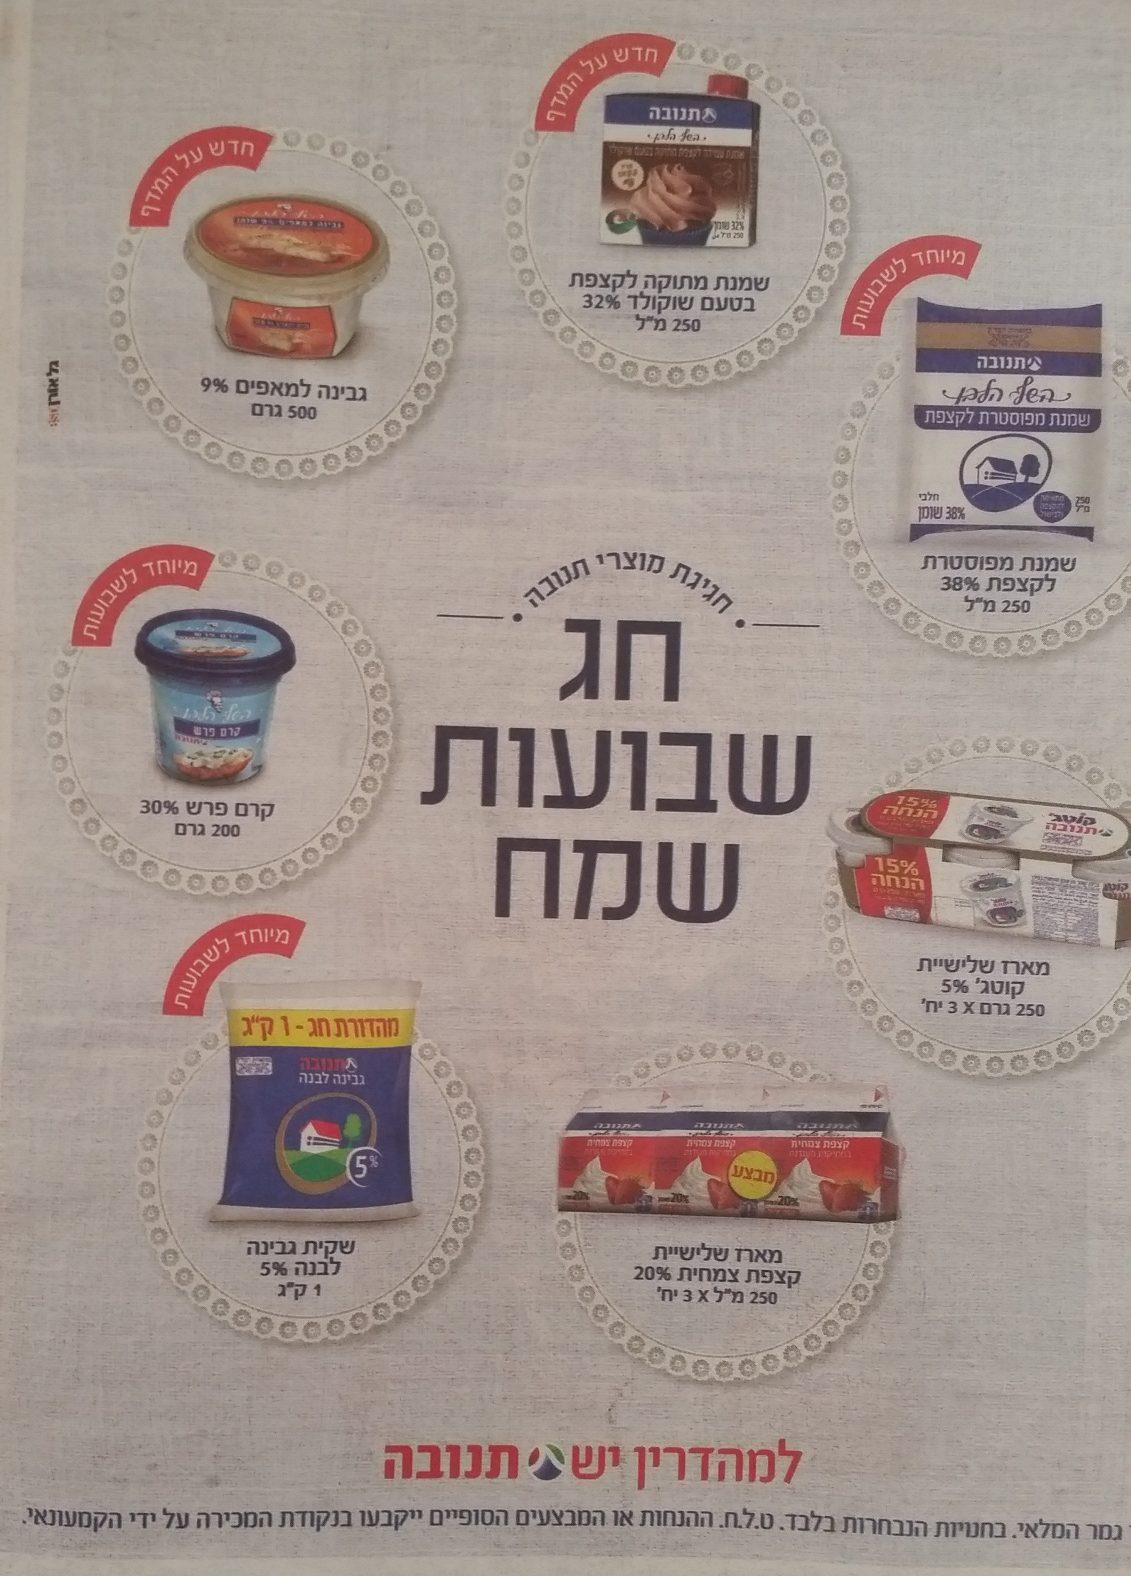 חג קבלת החלב בפתח והצבע חוזר לעיתונים; נעדרת: מחלבת שטראוס 3